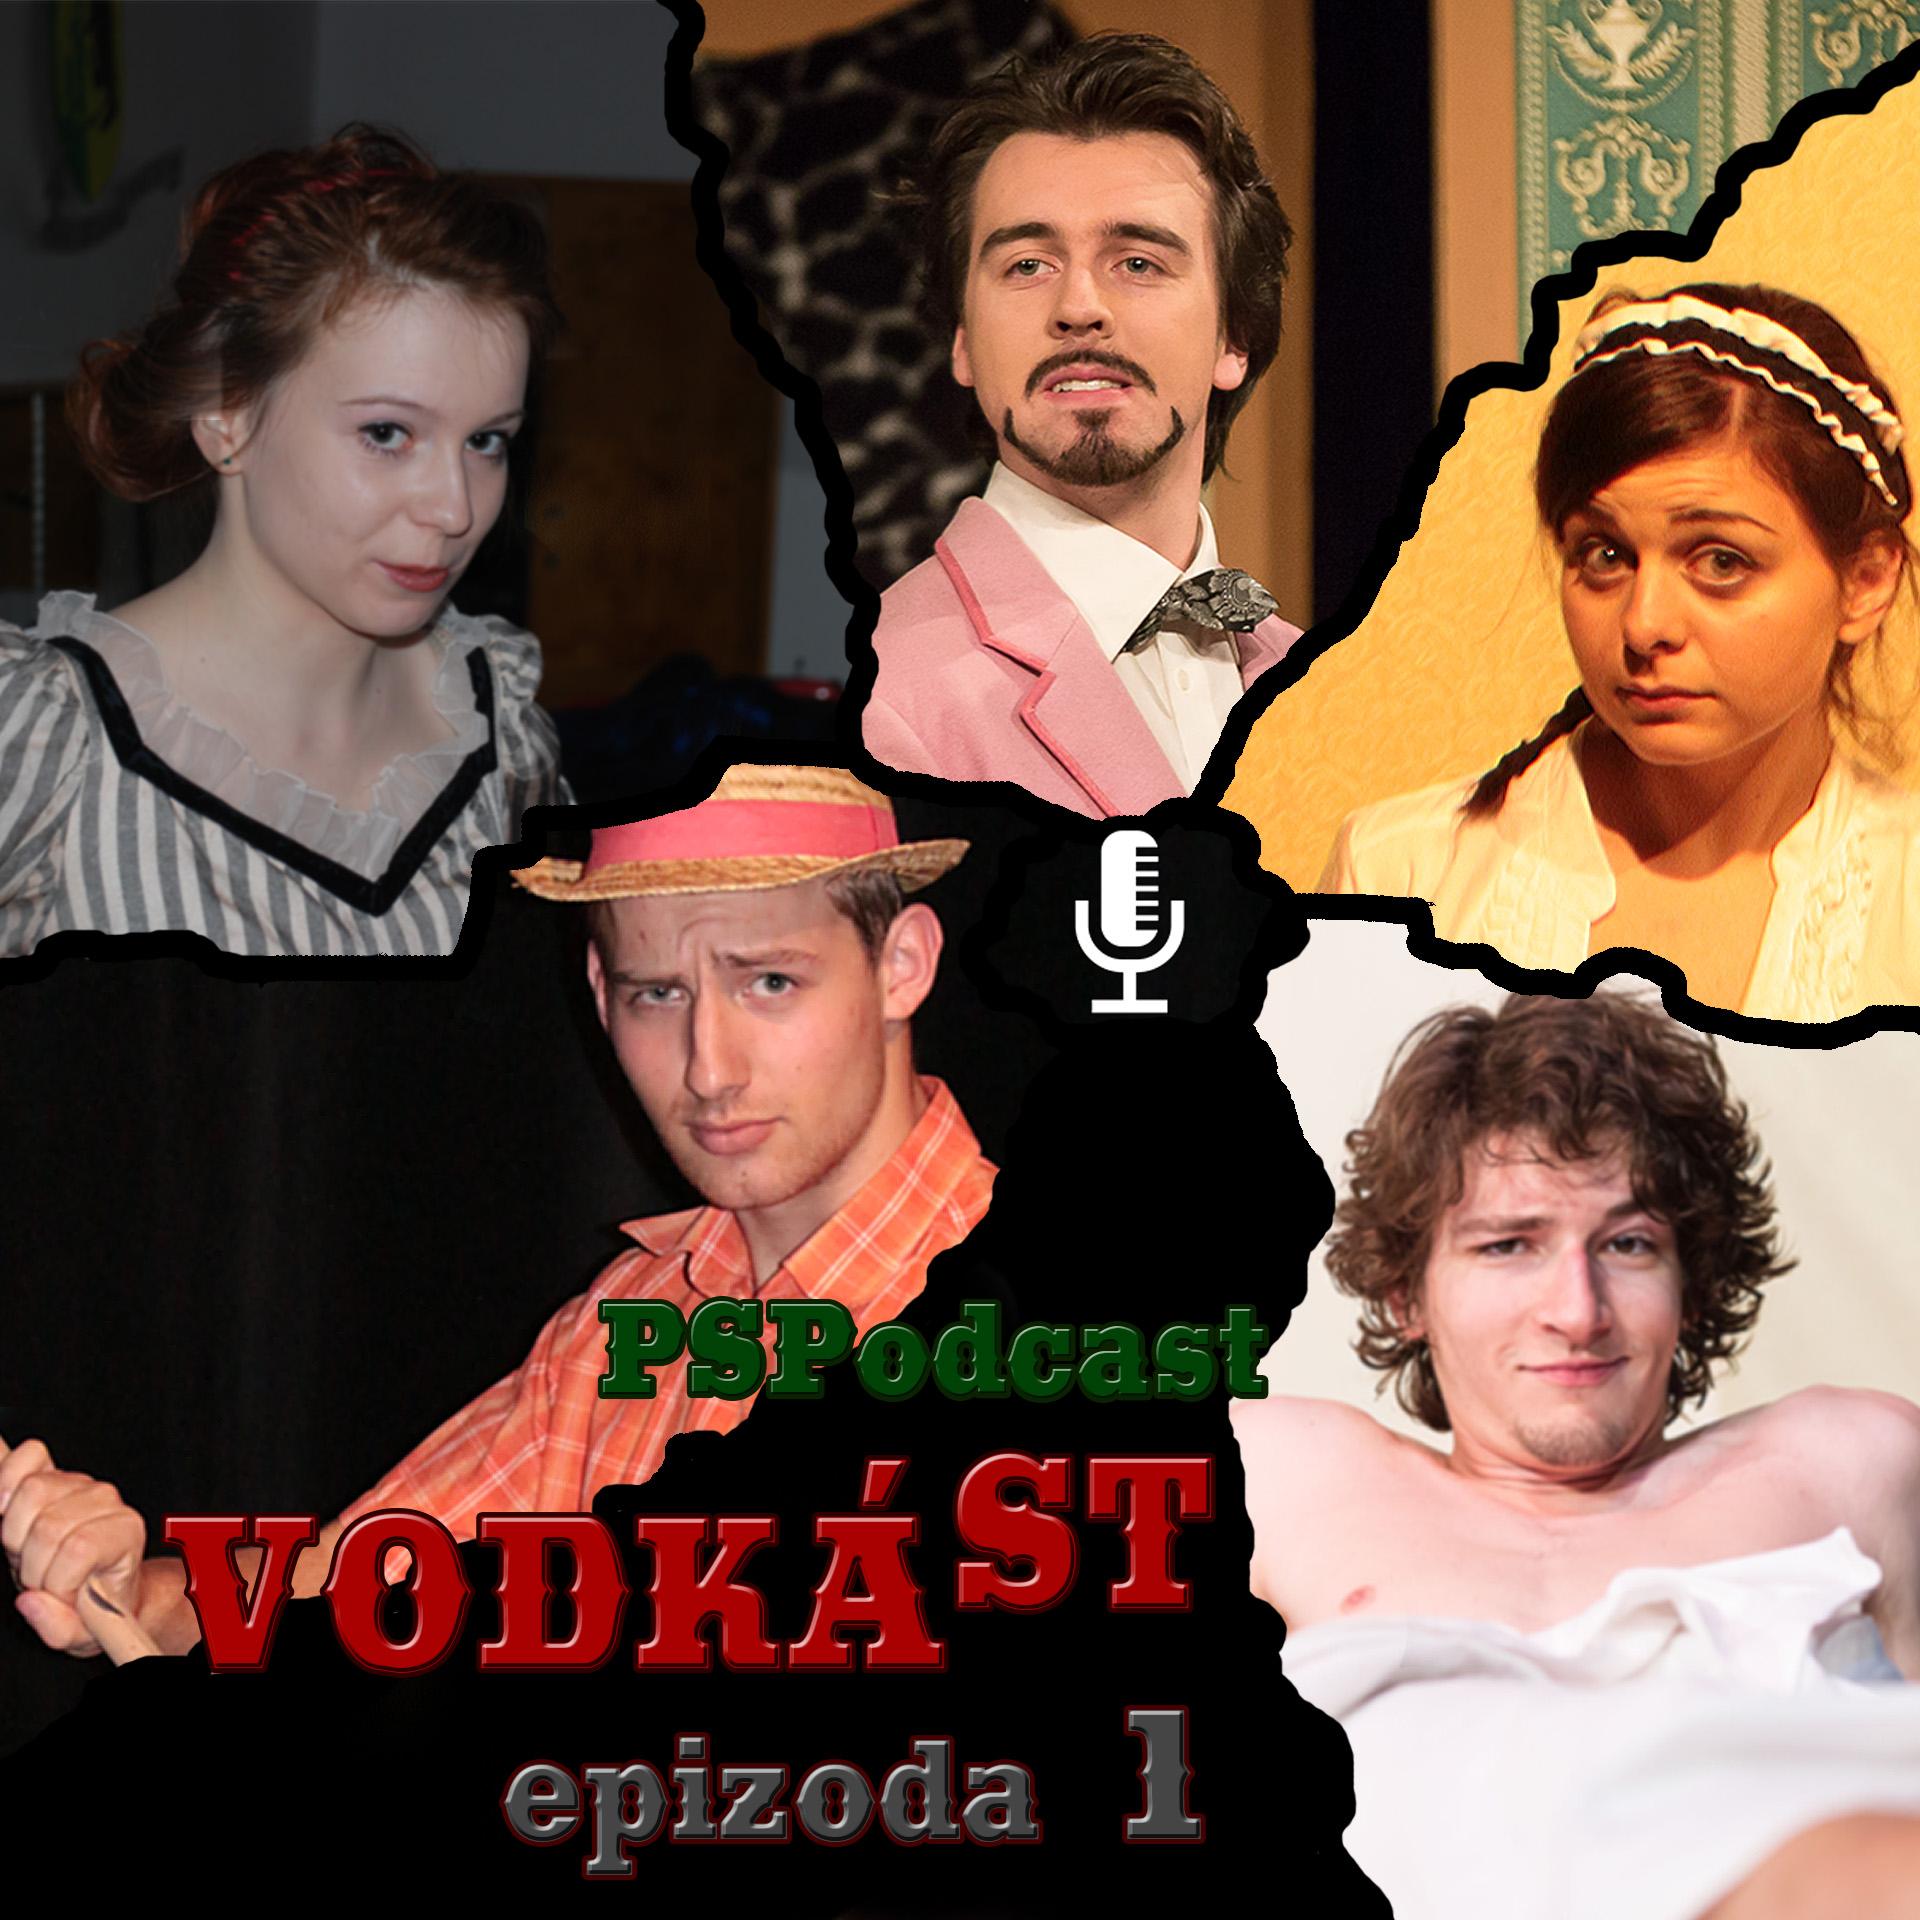 Epizoda 1 - Vodkást (O herectví)